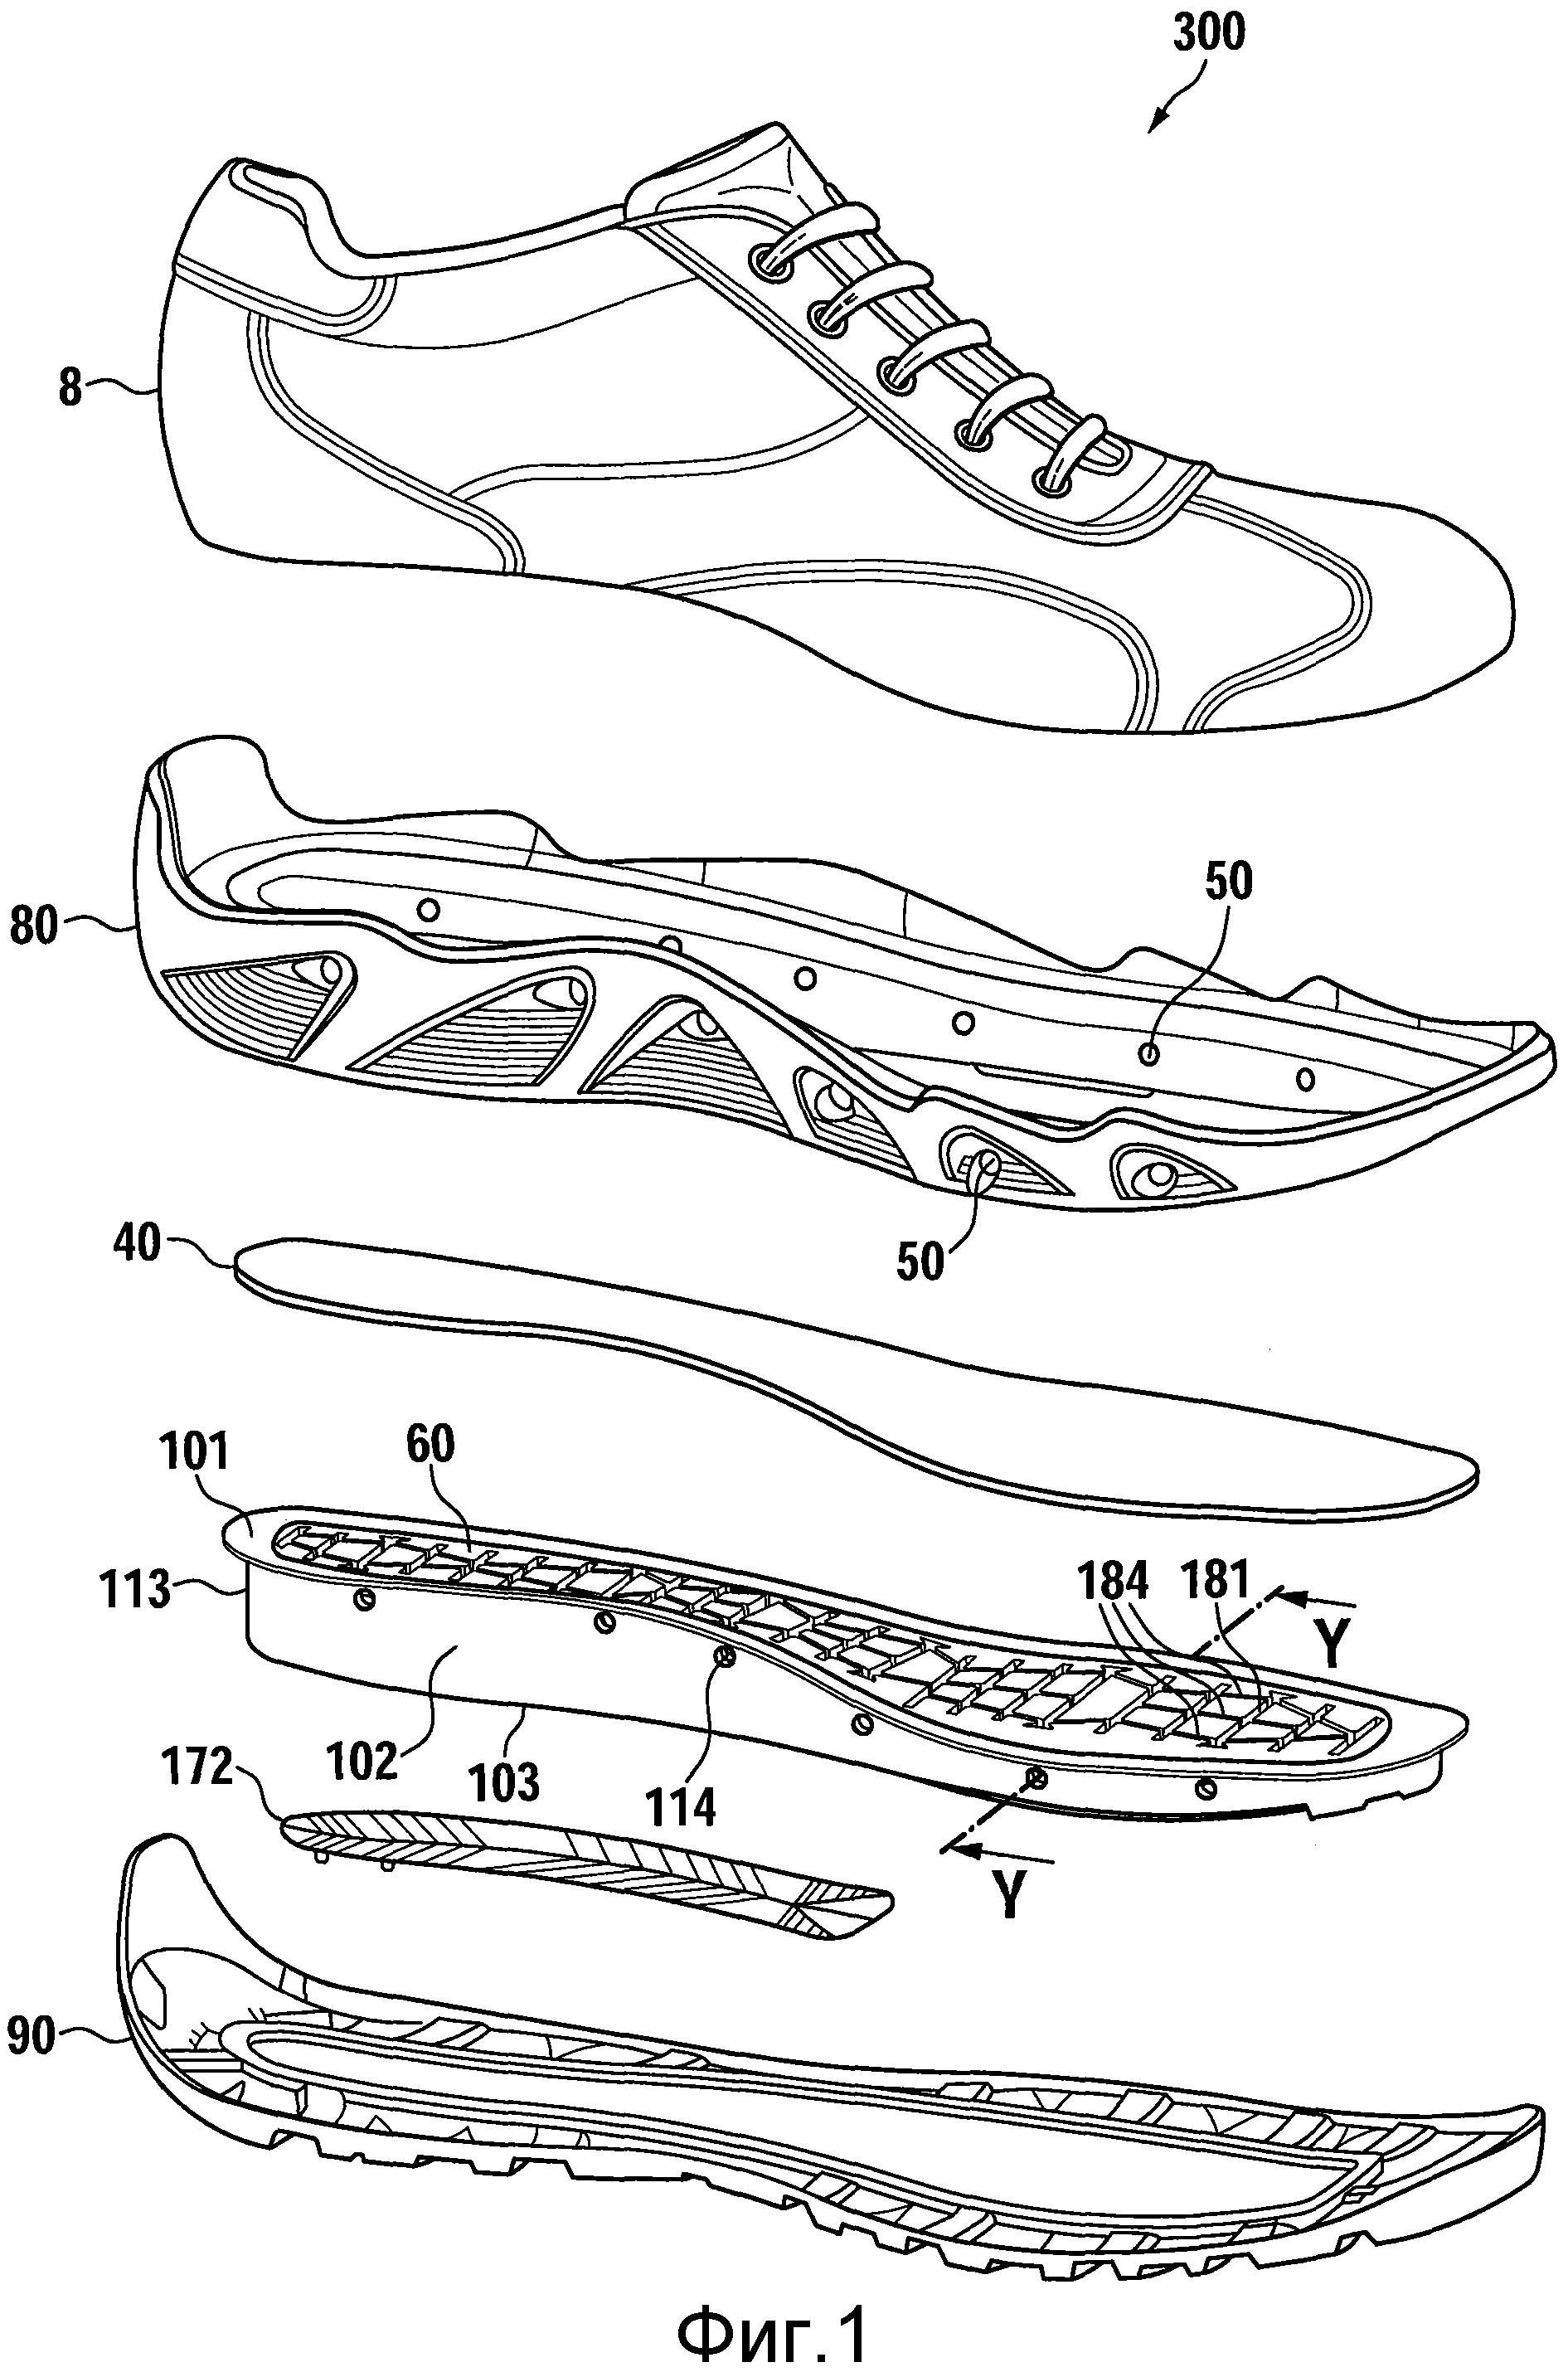 Предмет обуви, скомпонованный блок подошвы для предмета обуви, способ изготовления скомпонованного блока подошвы и способ изготовления предмета обуви